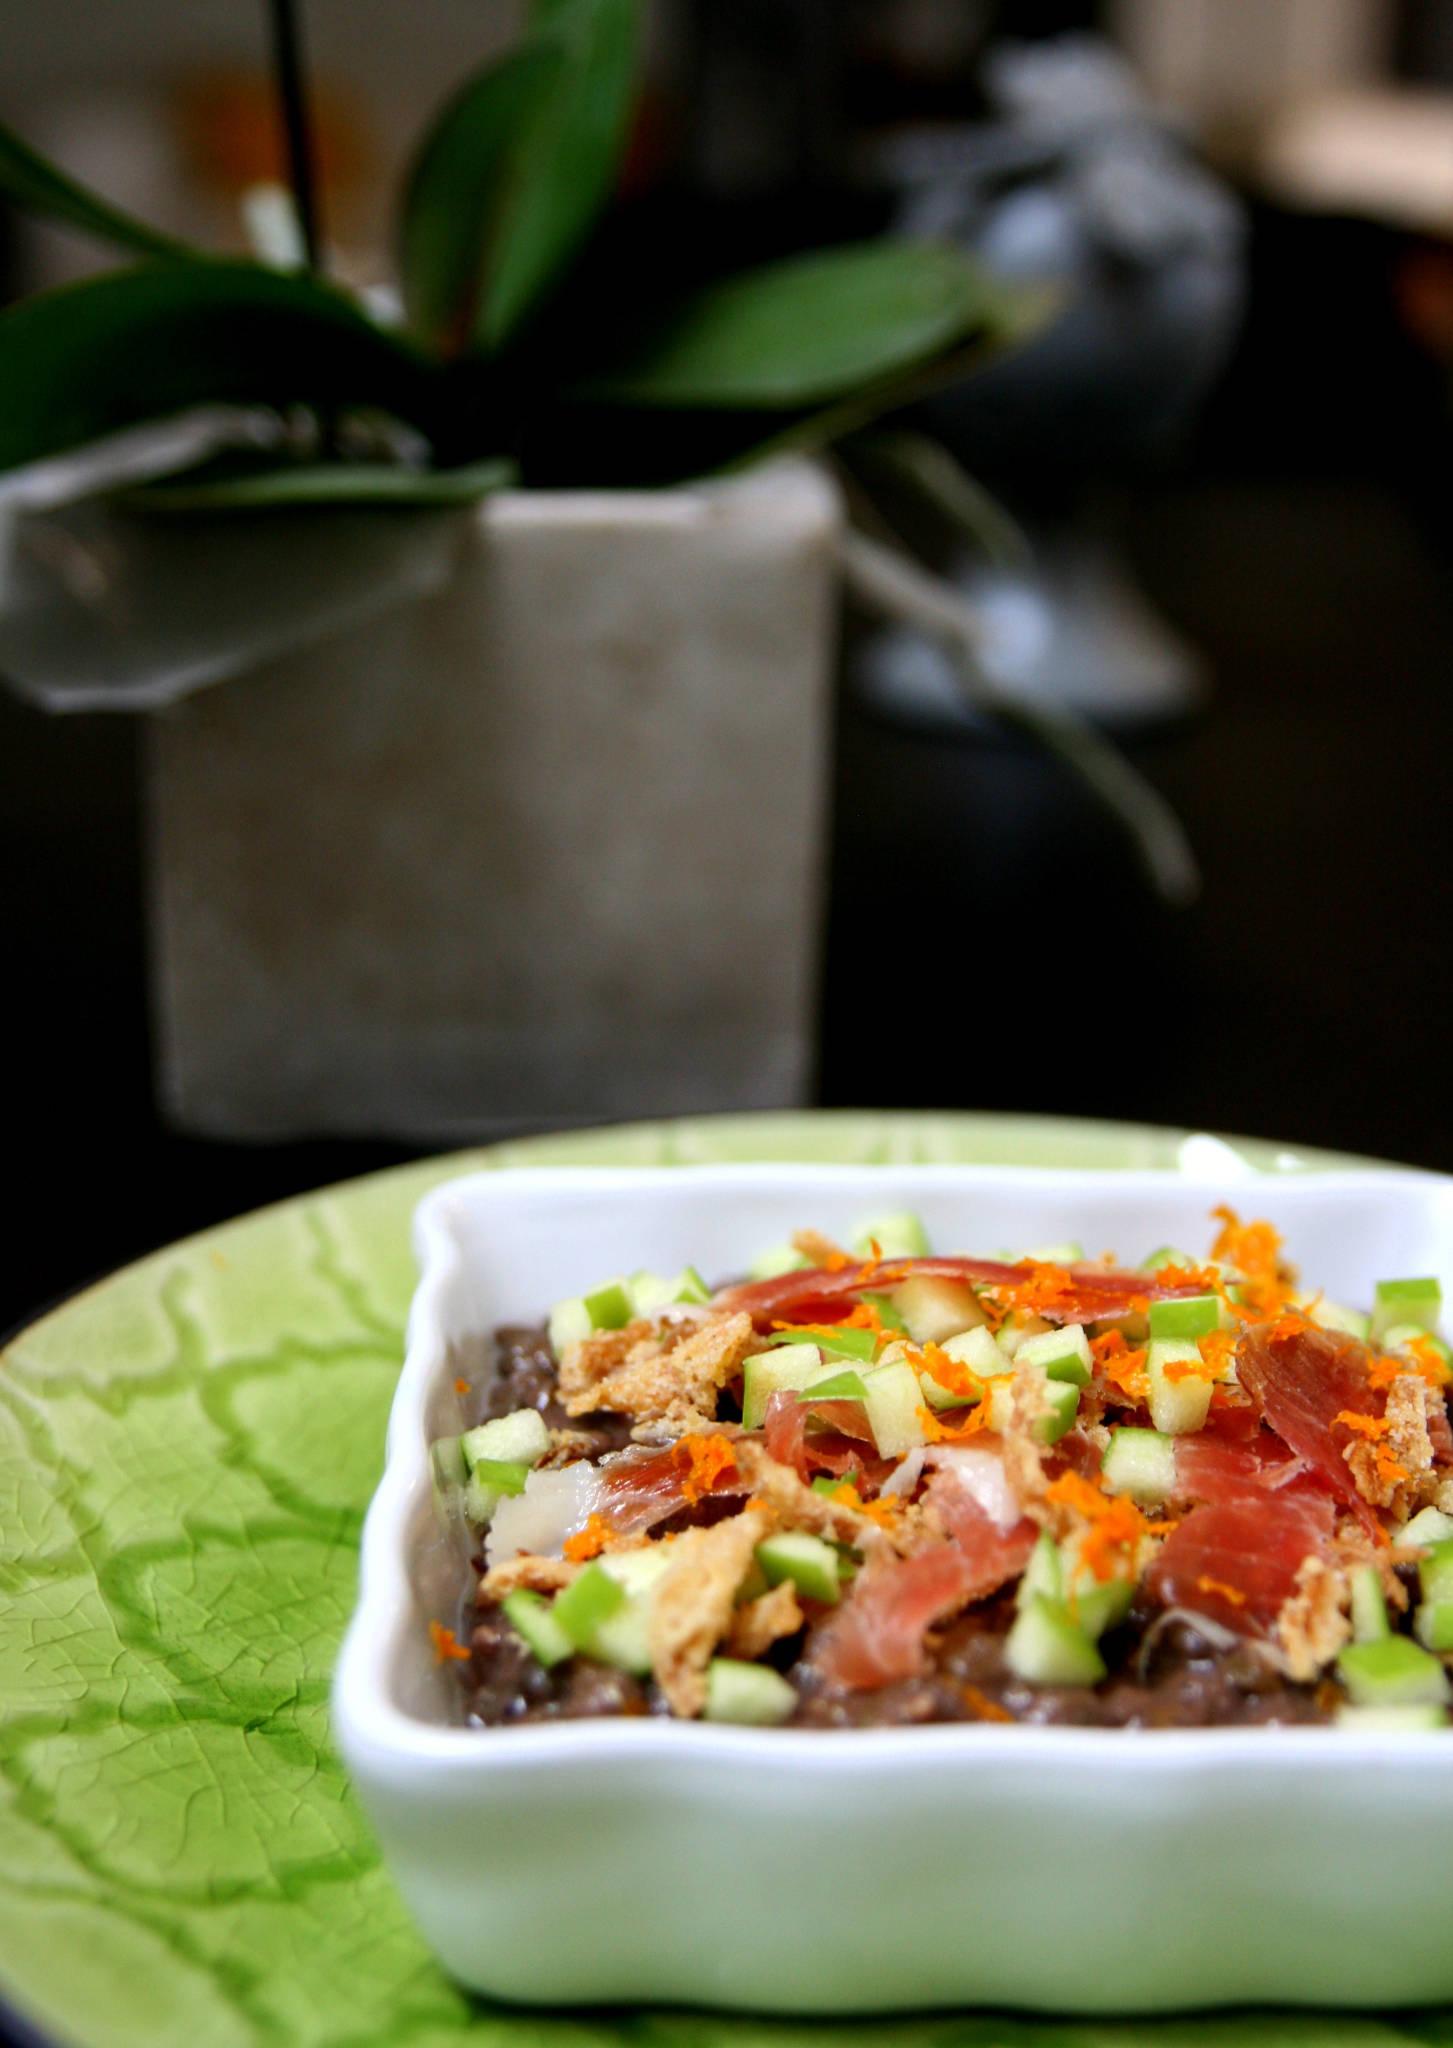 Salade de lentilles, jambon, pomme et oignons frits